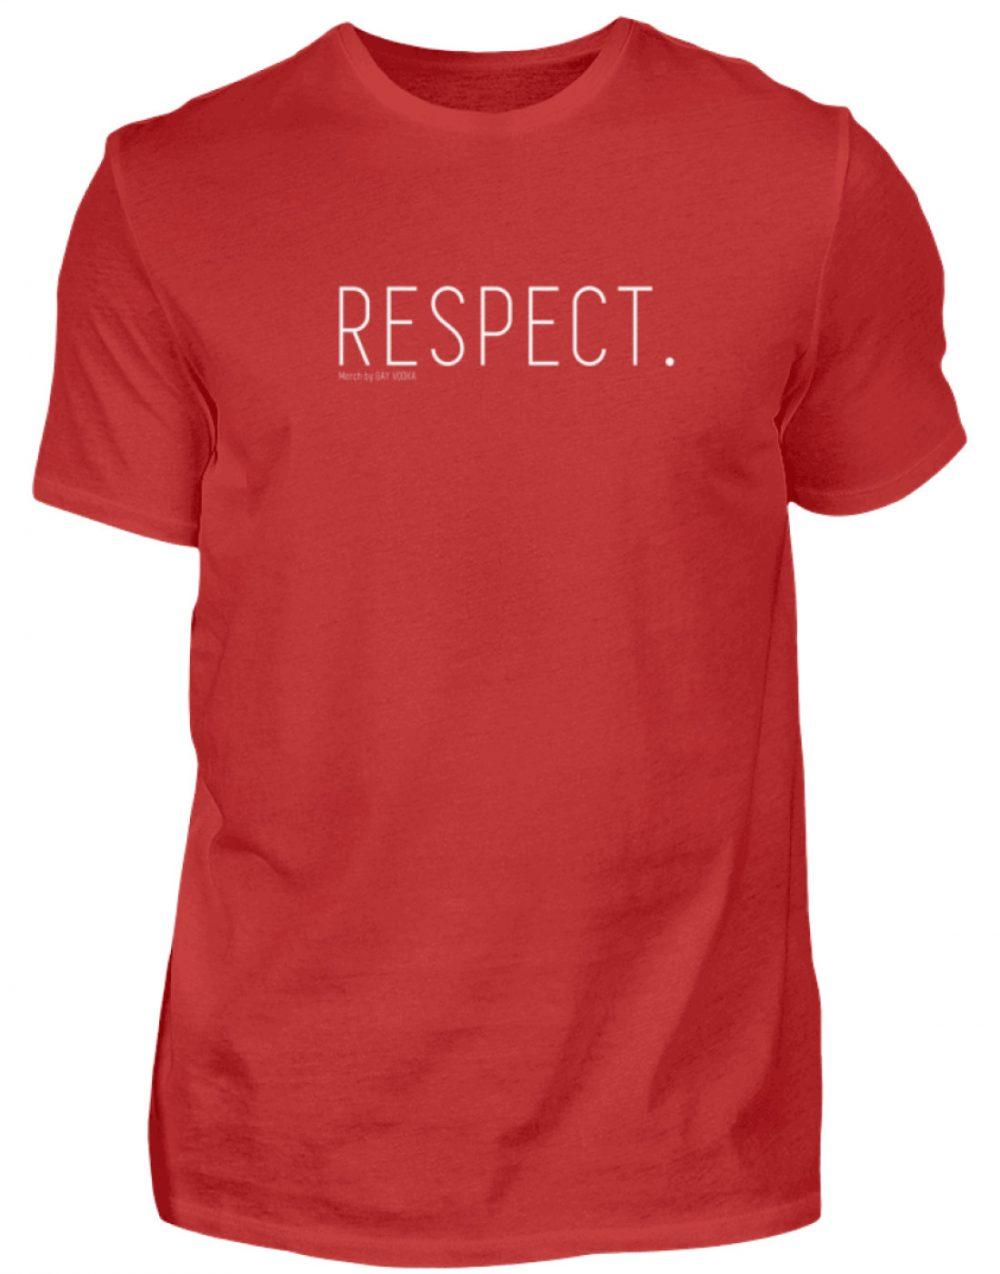 RESPECT. - Herren Premiumshirt-4